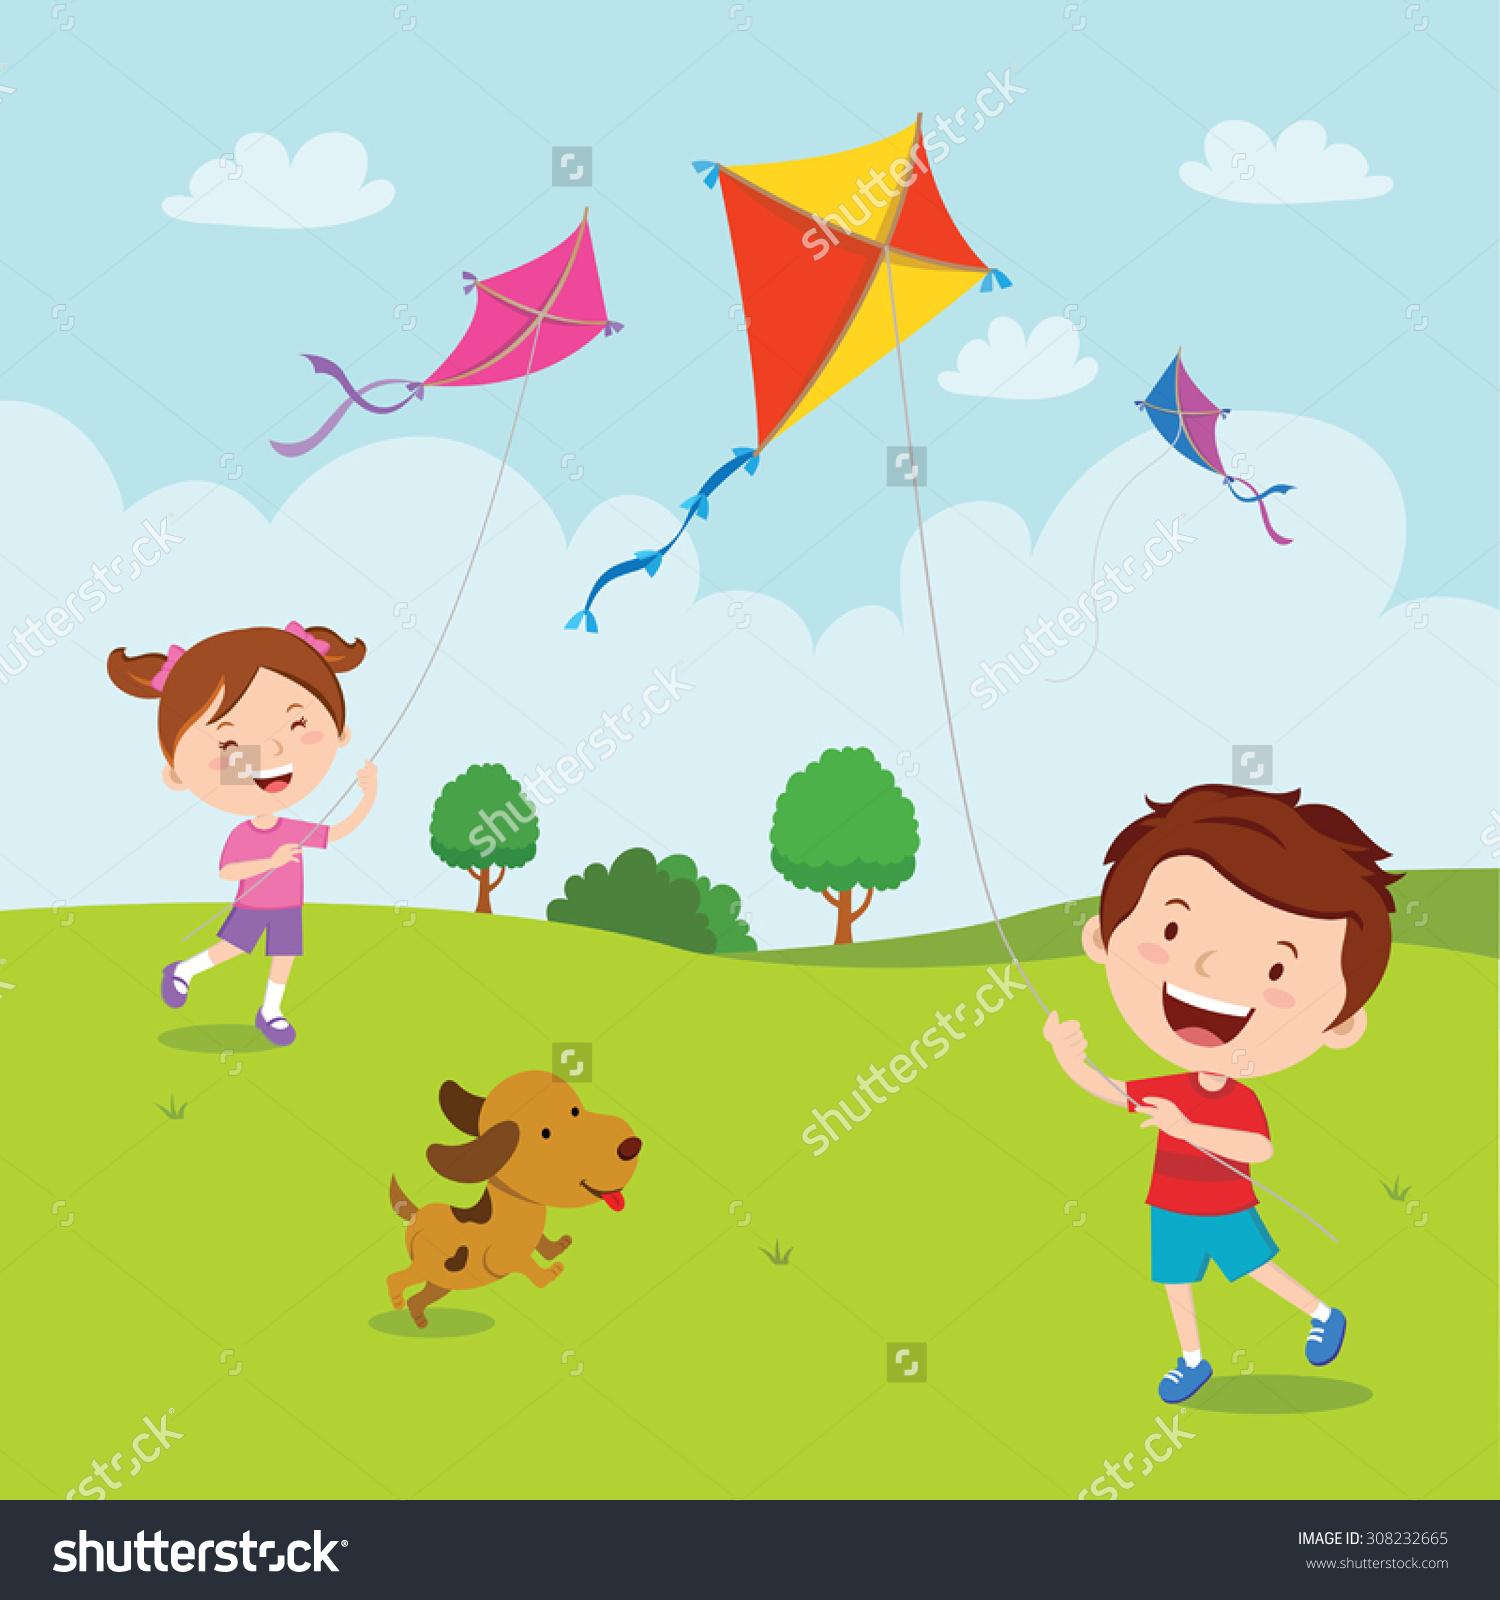 Kids Playing Kites Vector Illustration Children Stock Vector.